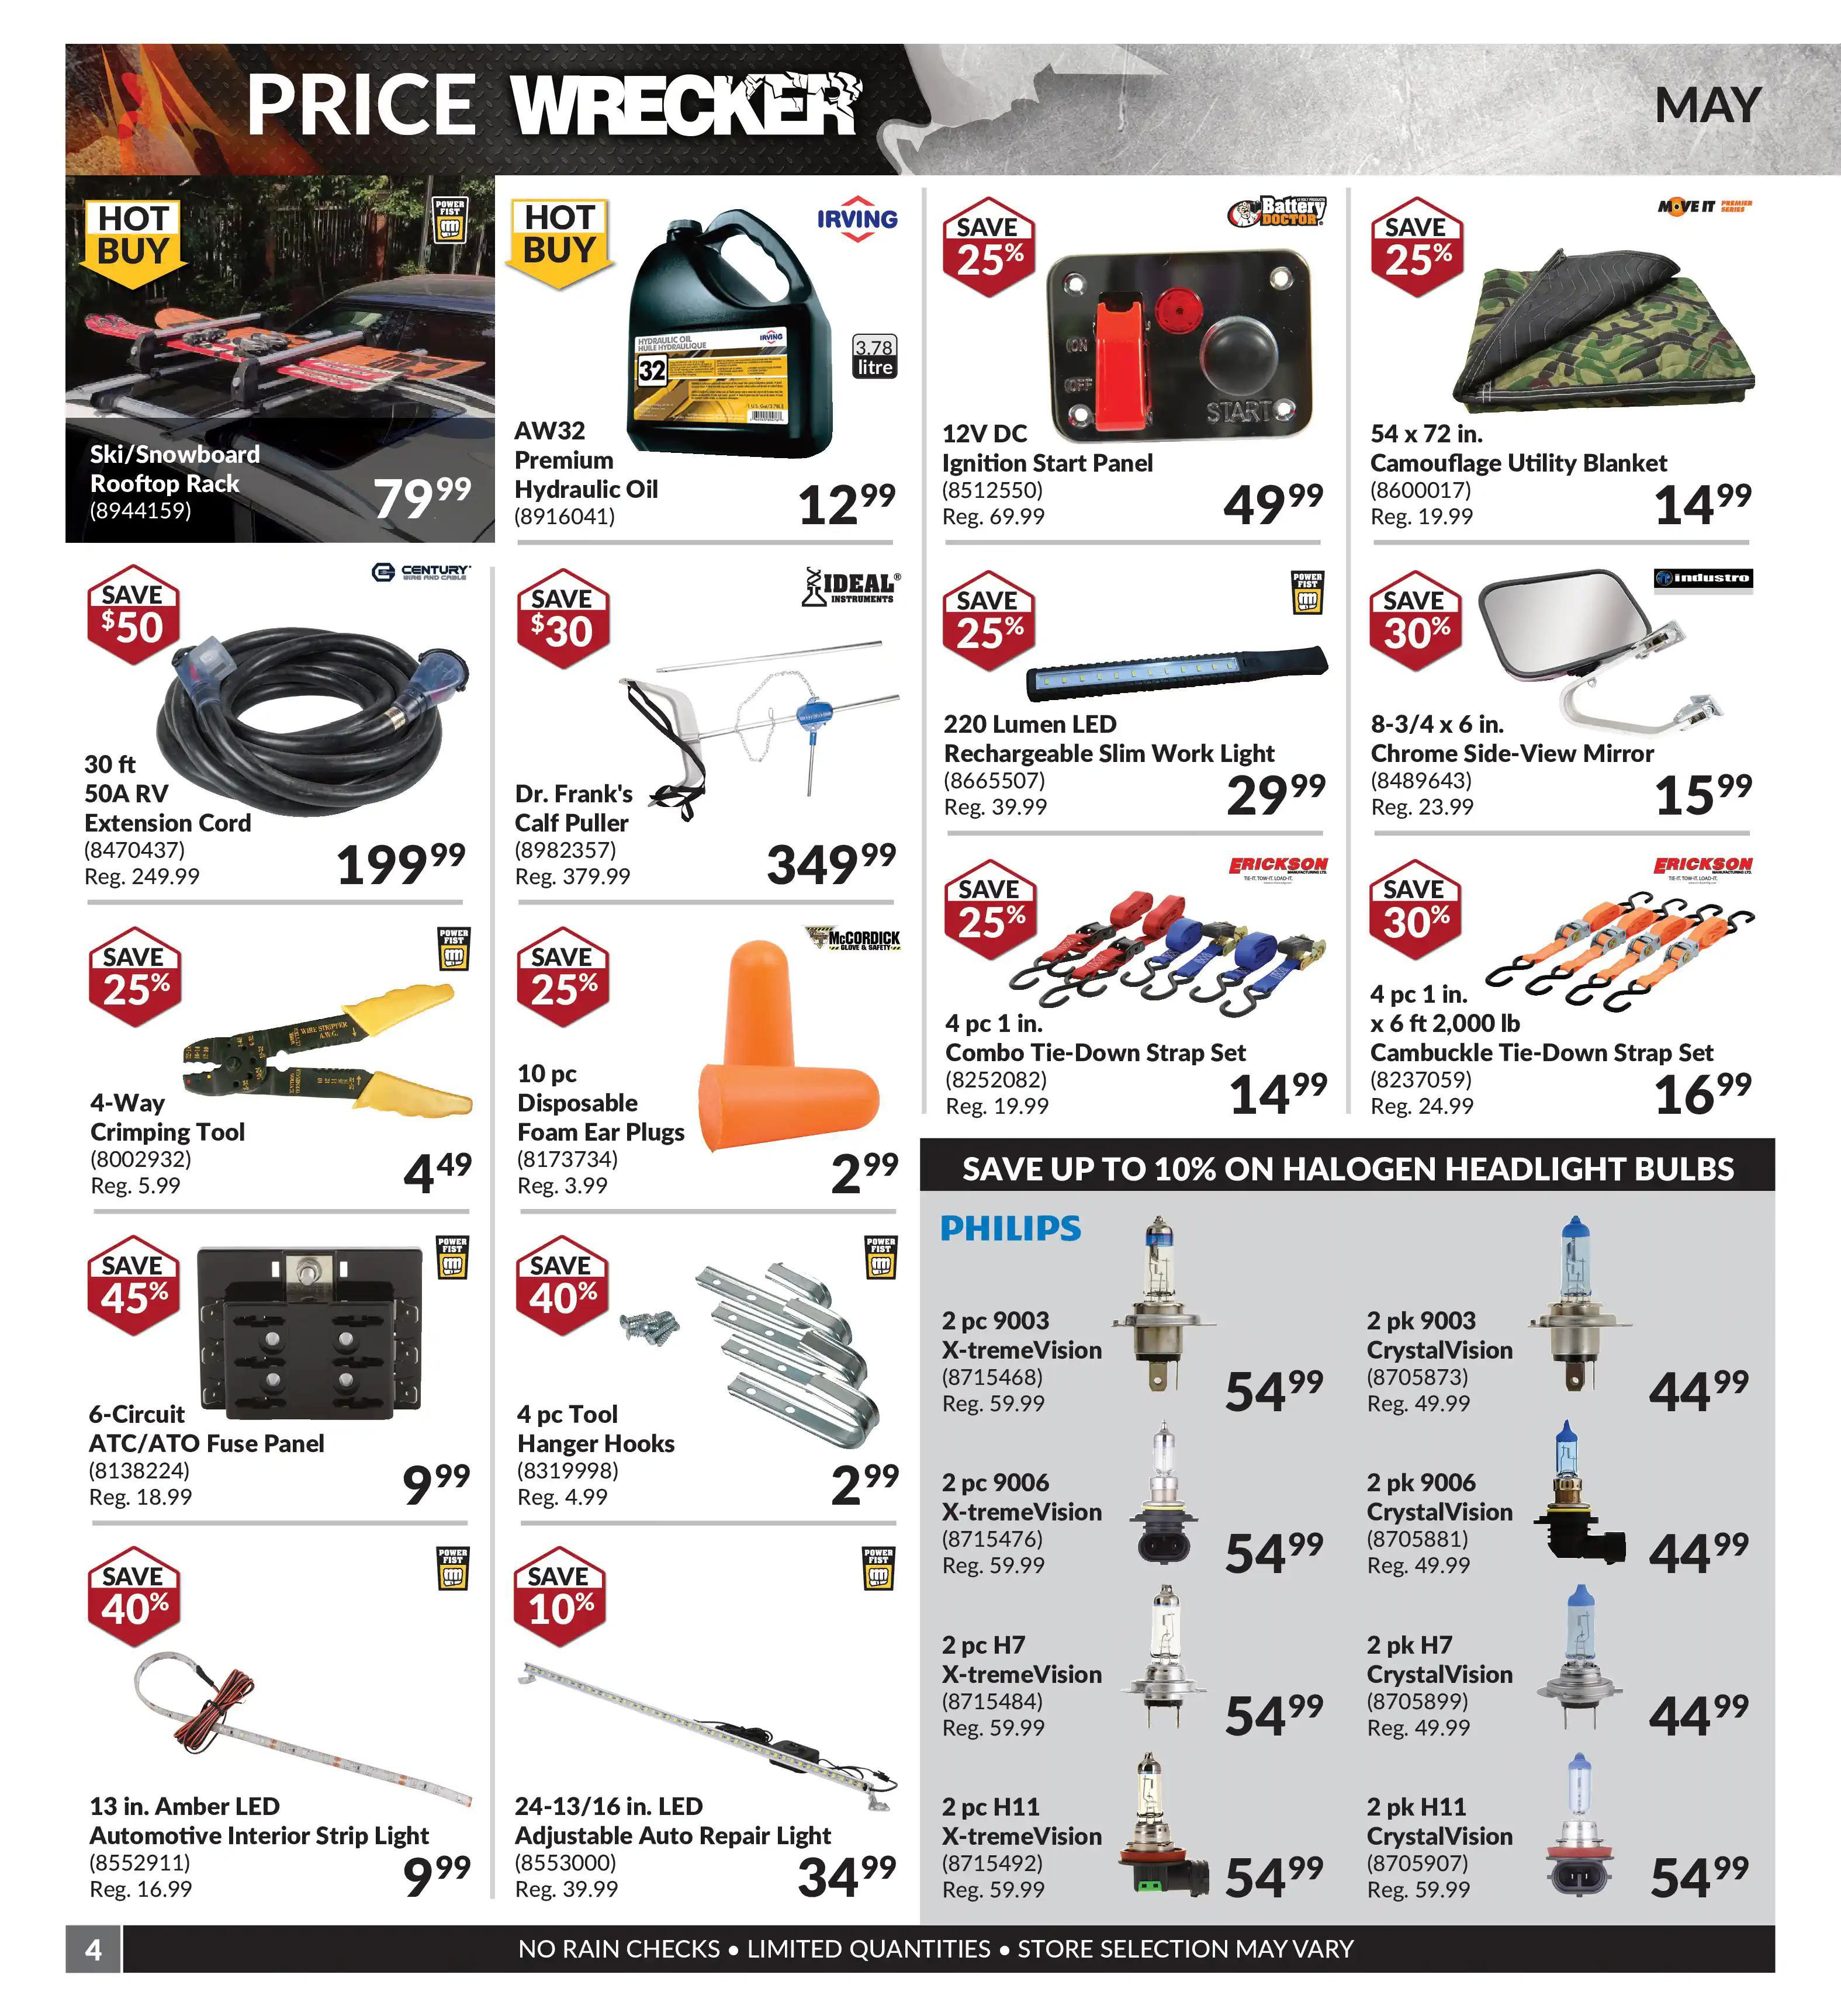 Princess Auto - Price Wrecker - Page 4